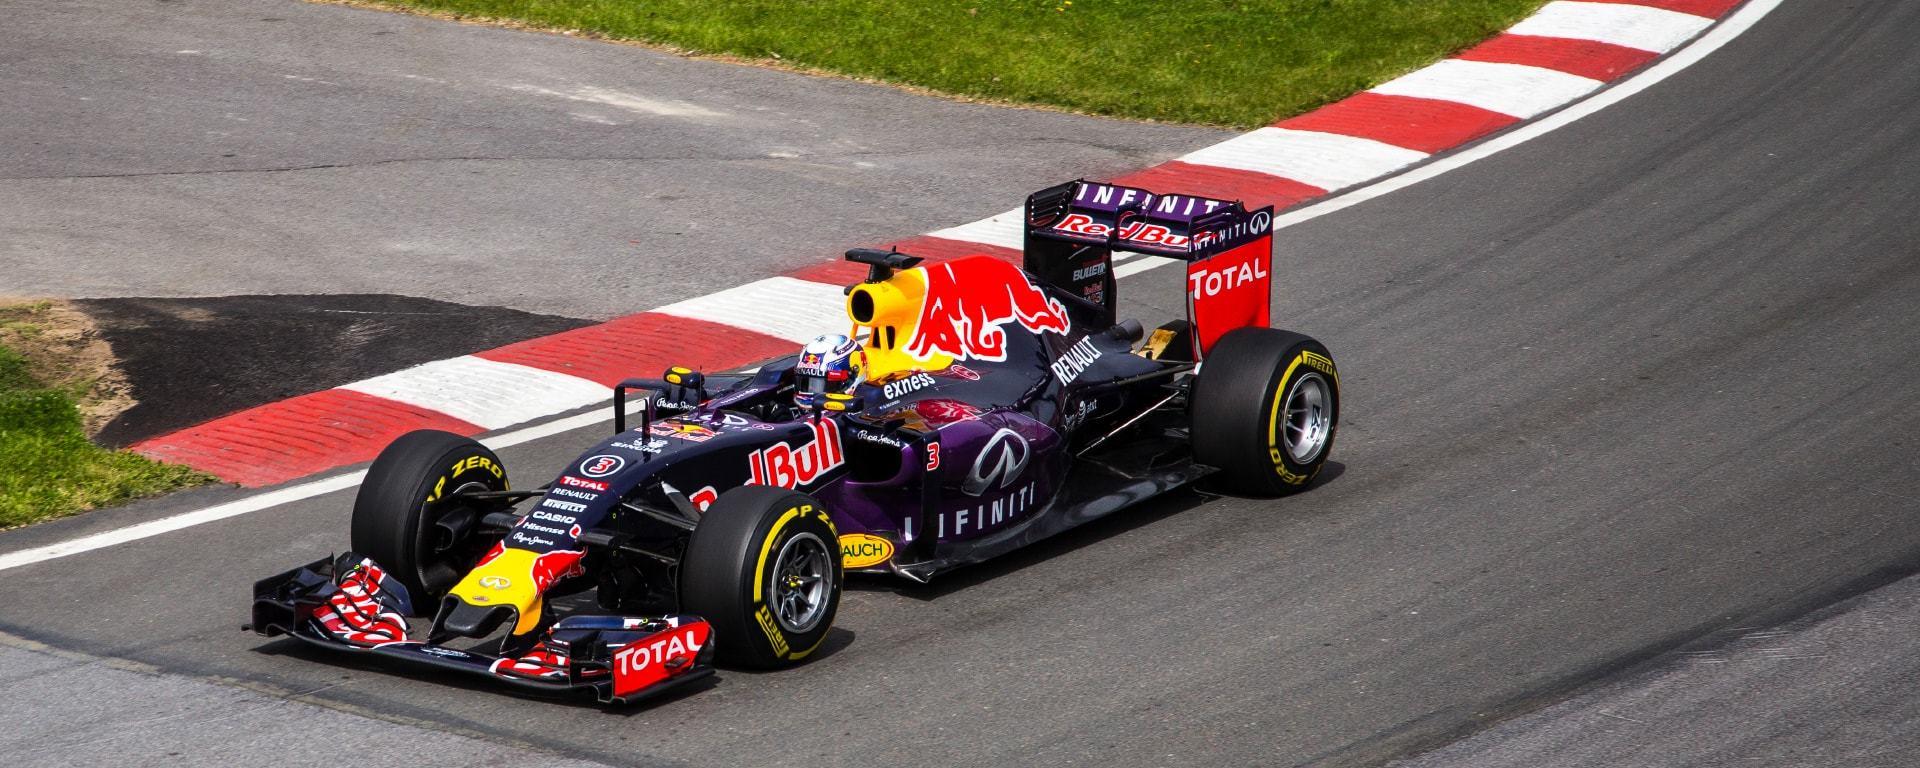 formula1-post